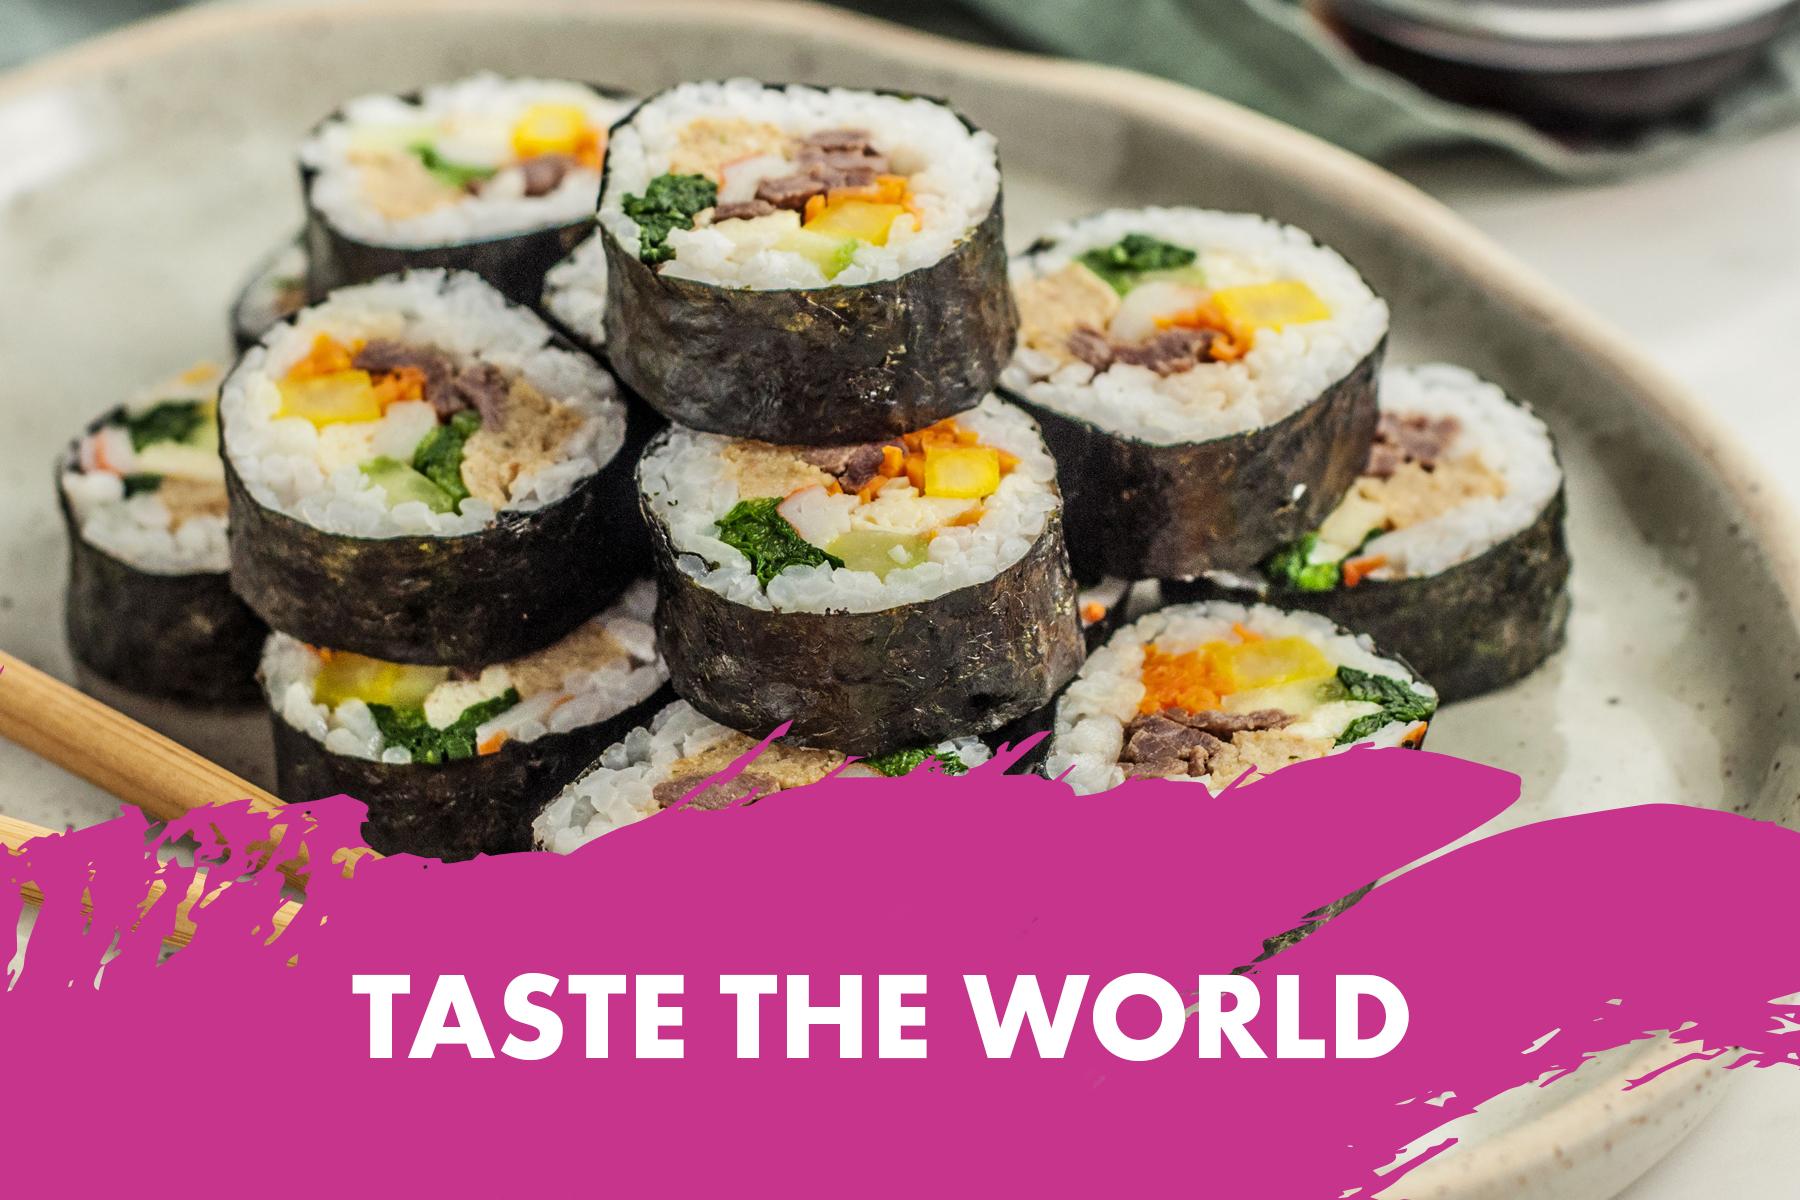 taste-of-the-world_large.jpg